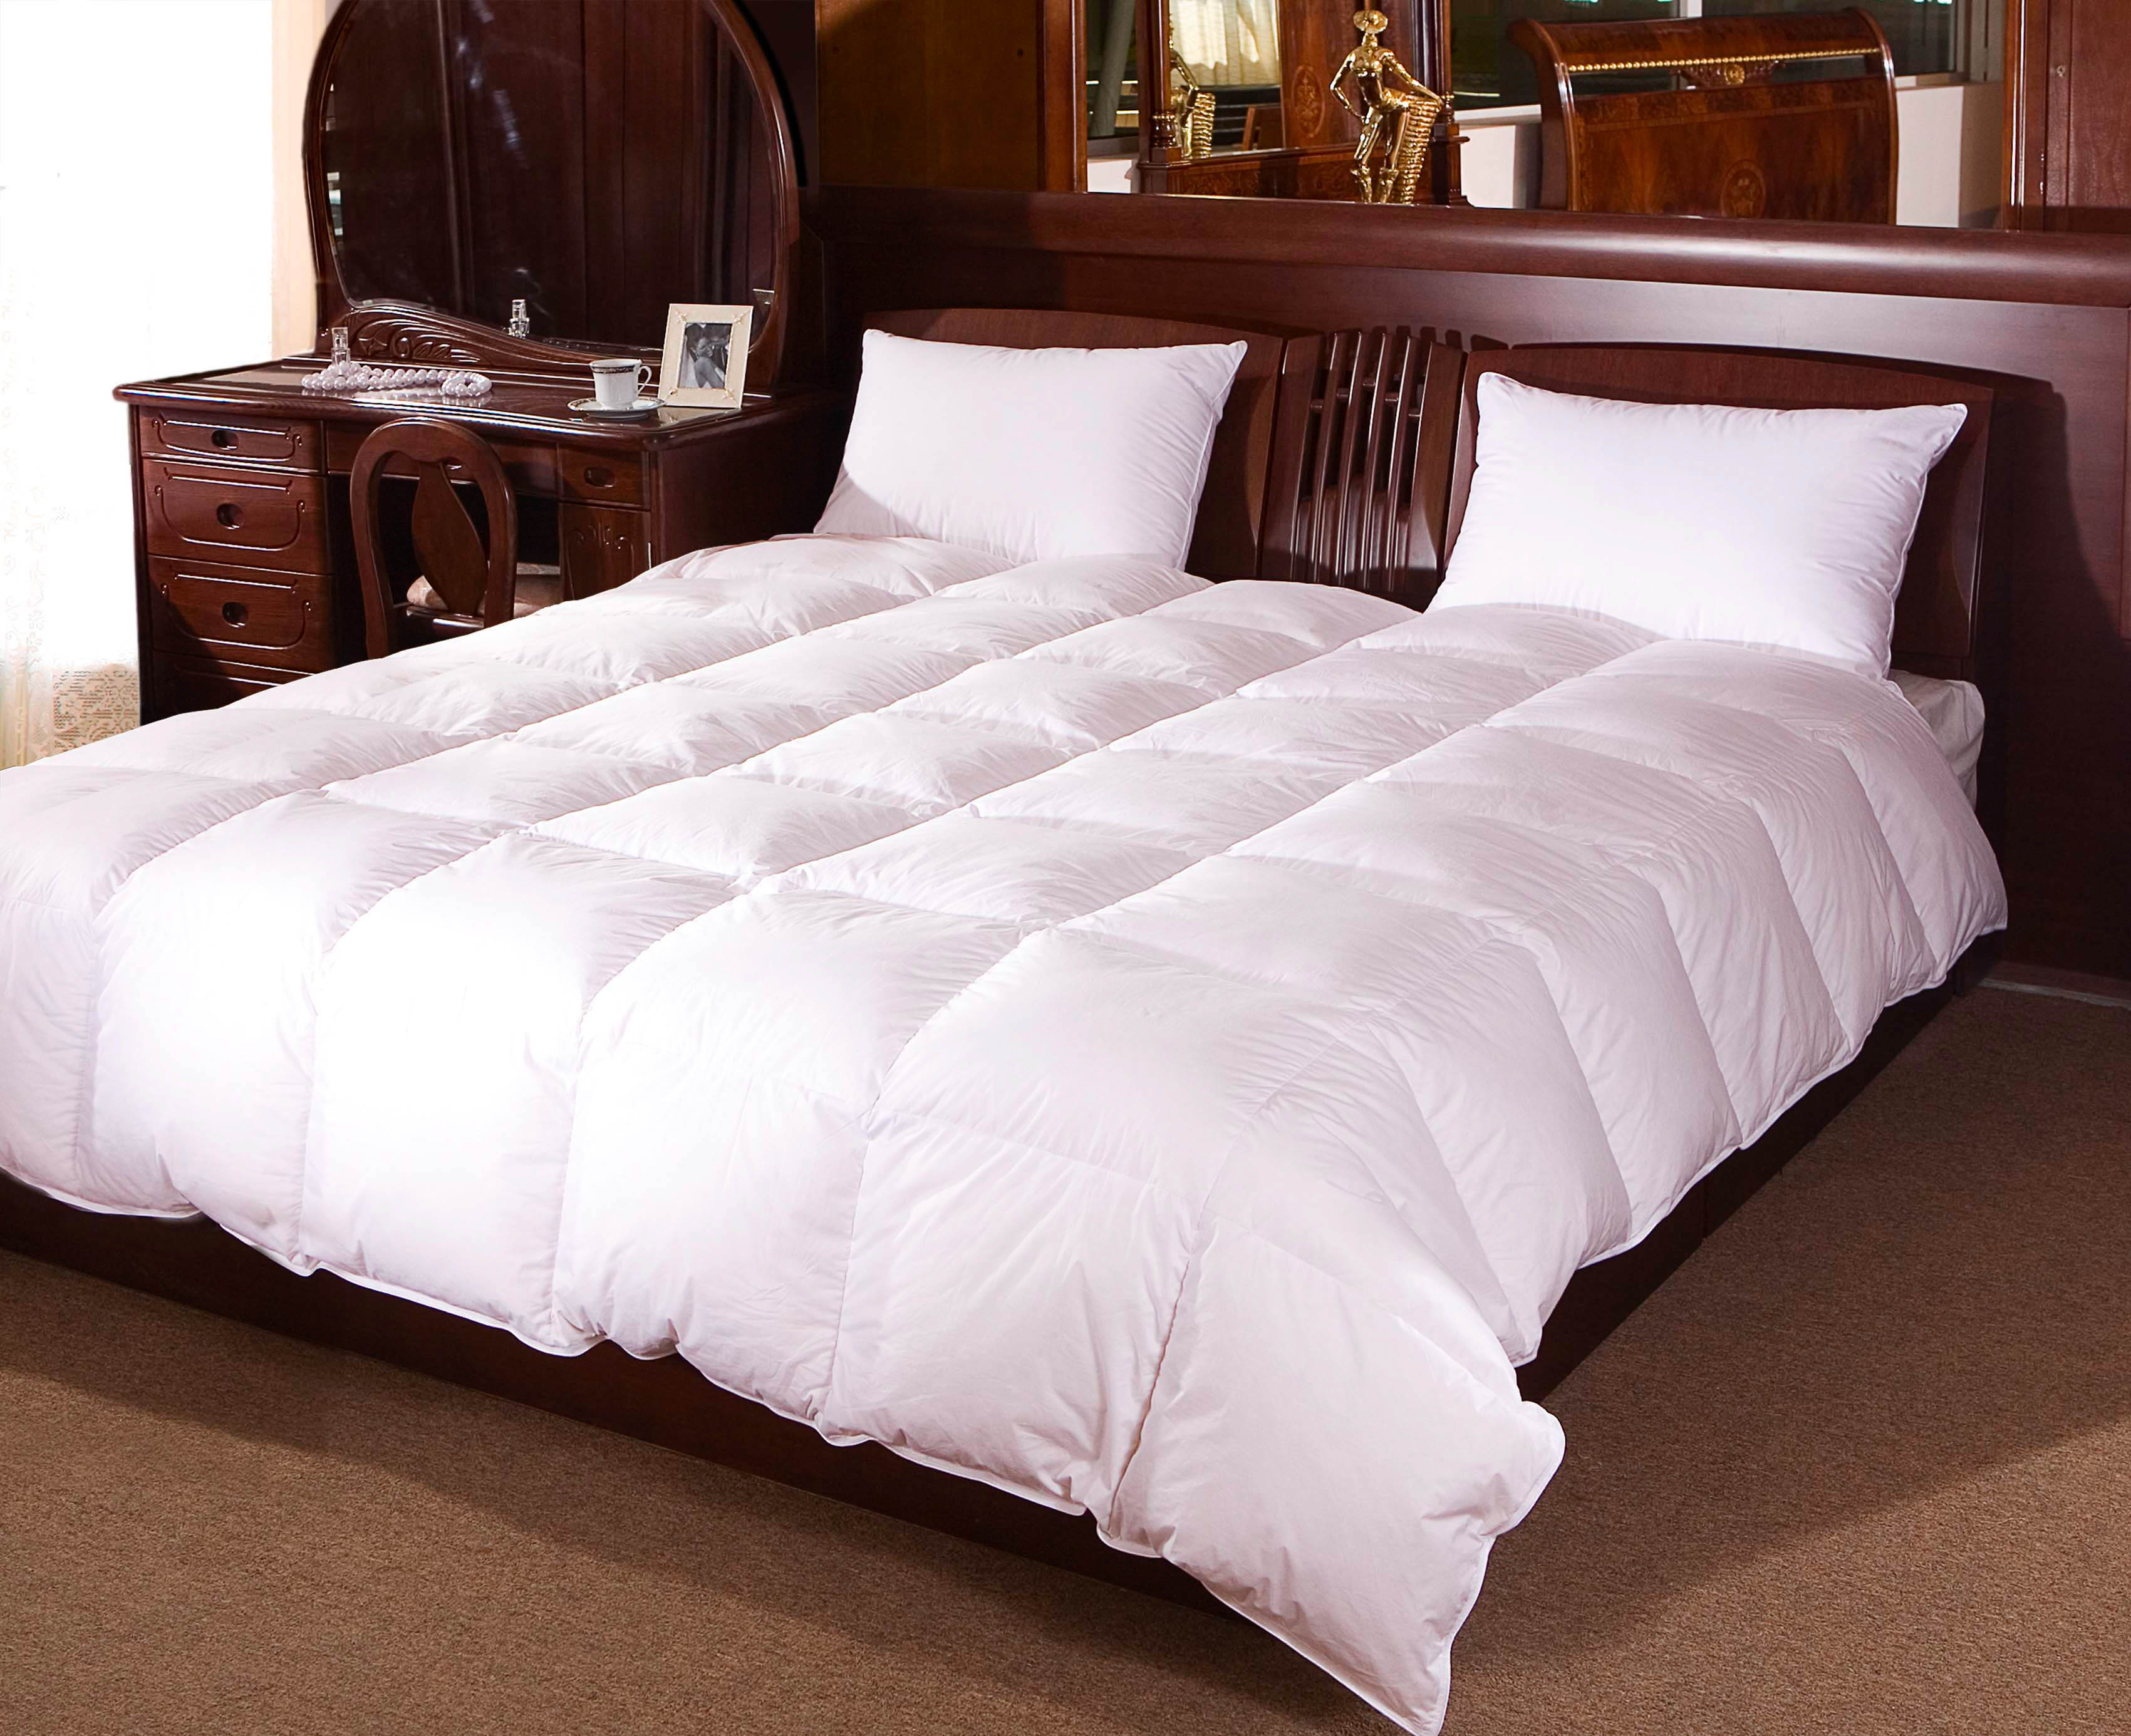 Одеяла Primavelle Одеяло Patrizia легкое Цвет: Белый (200х220 см) одеяло patrizia 200х220 белый